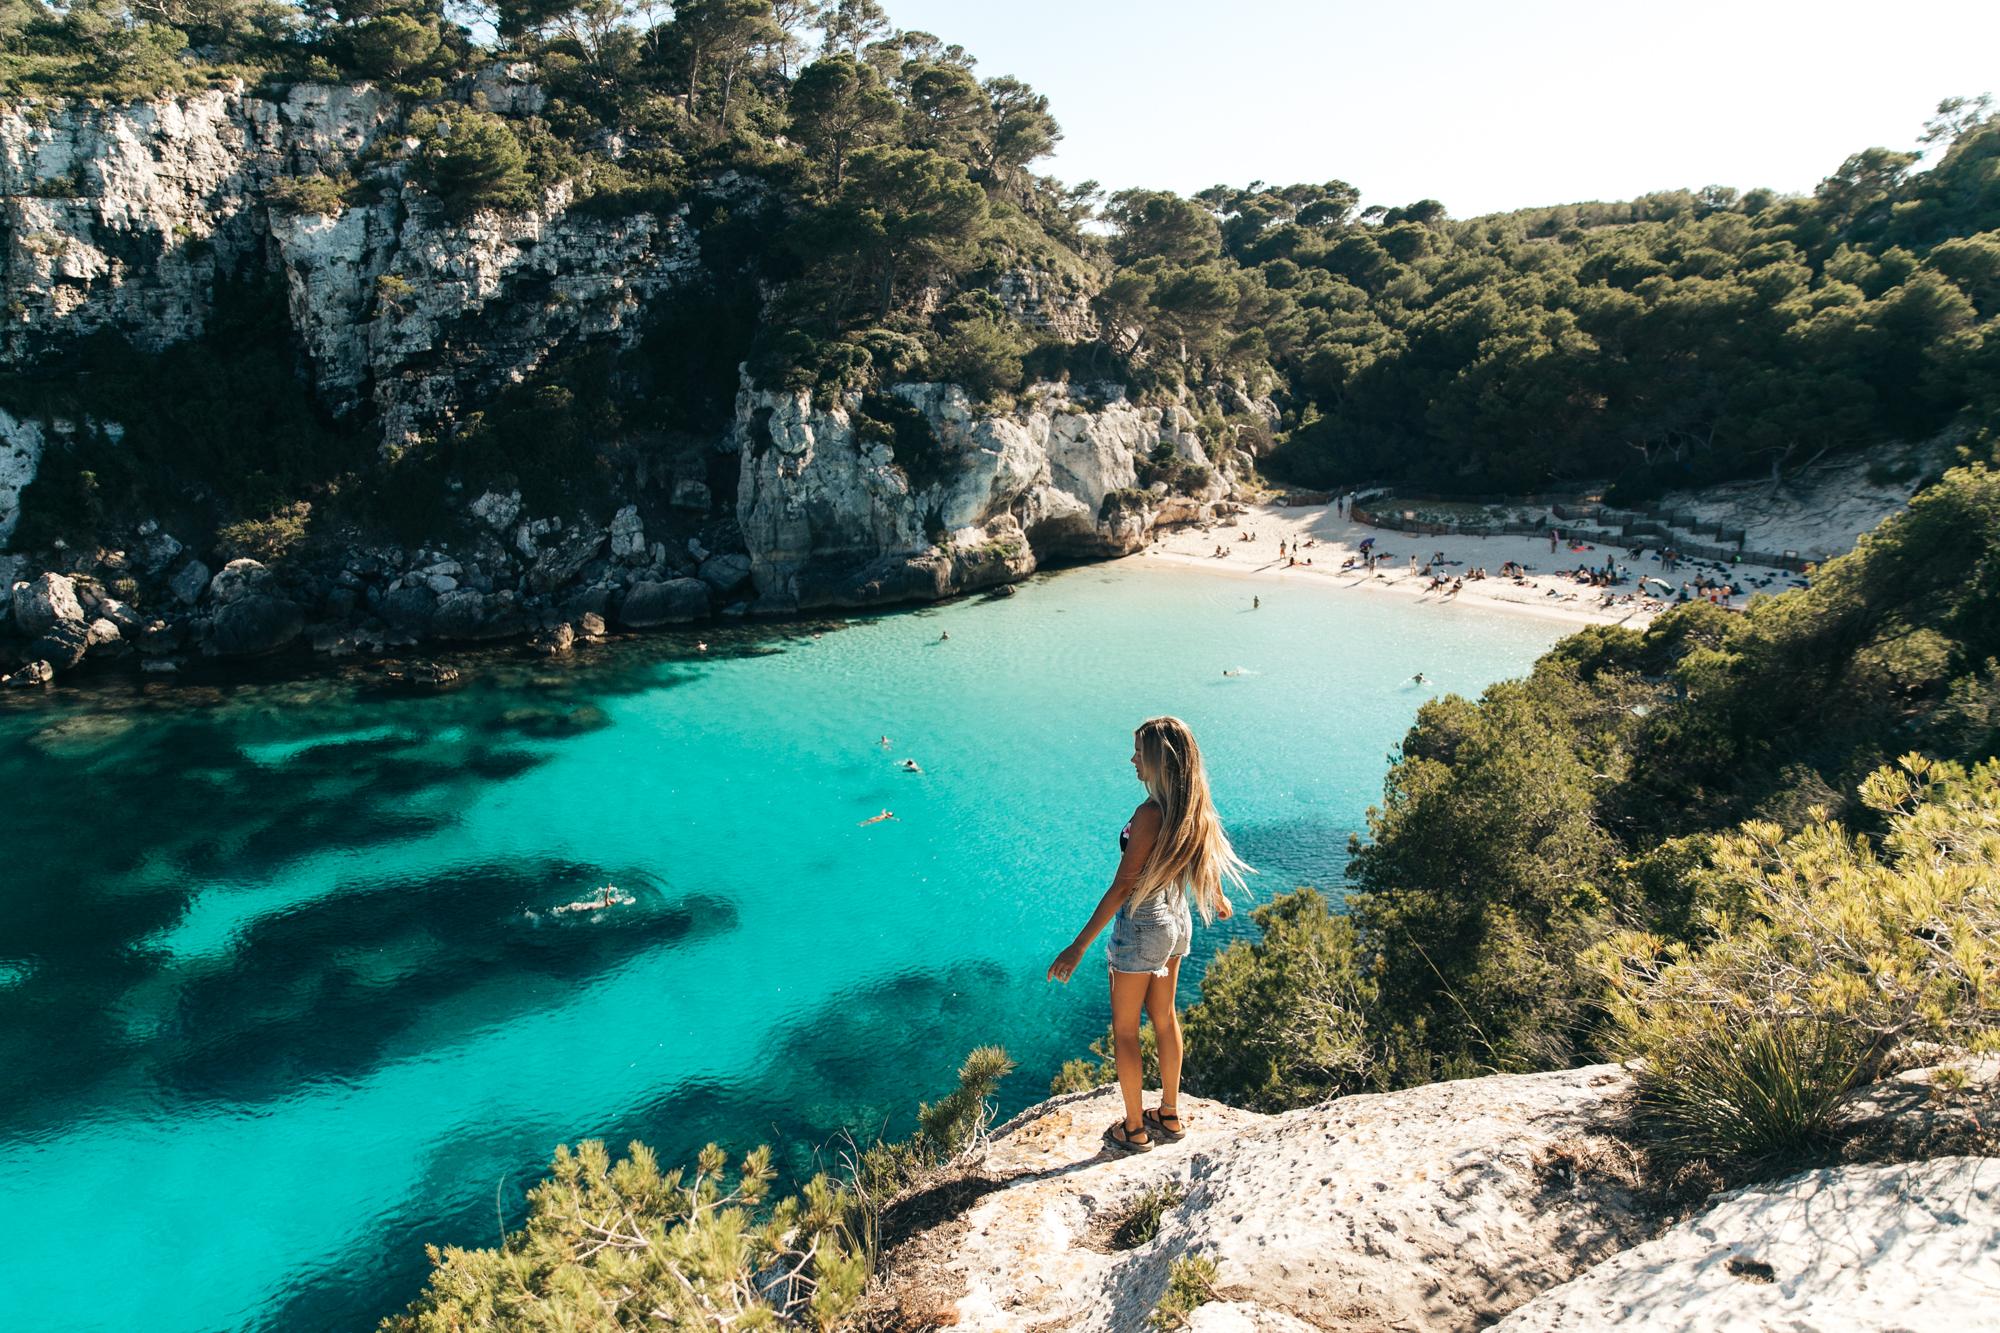 Menorca_HBGOODIE2018 (1 of 1).jpg